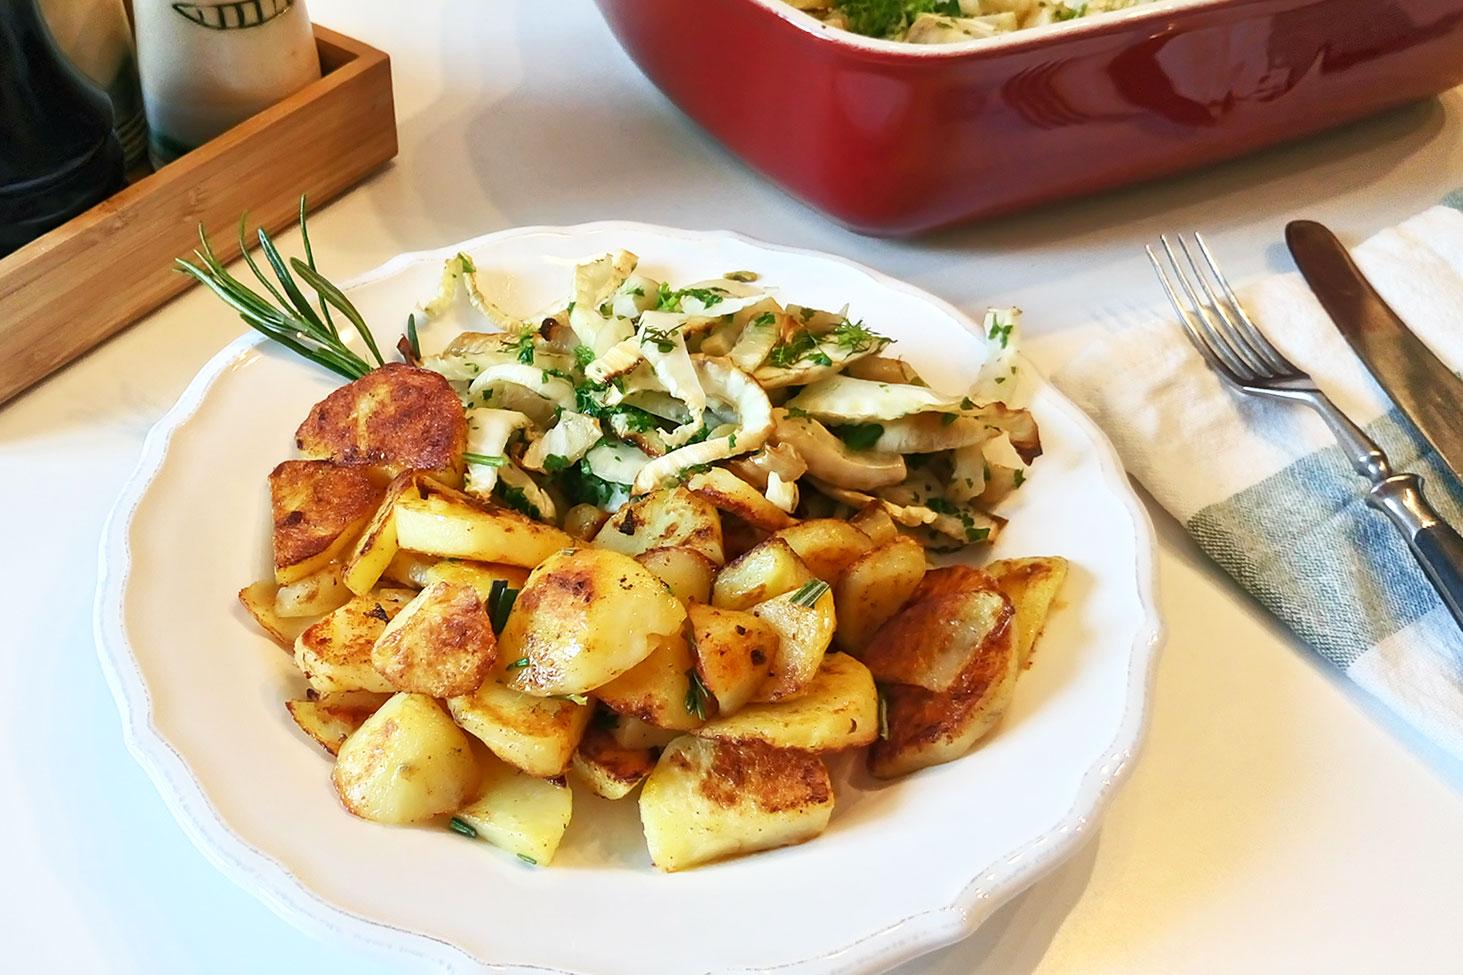 basisches Essen: Kartoffeln mit Fenchel, Abendessen während dem Basenfasten bzw. in der Entgiftungskur